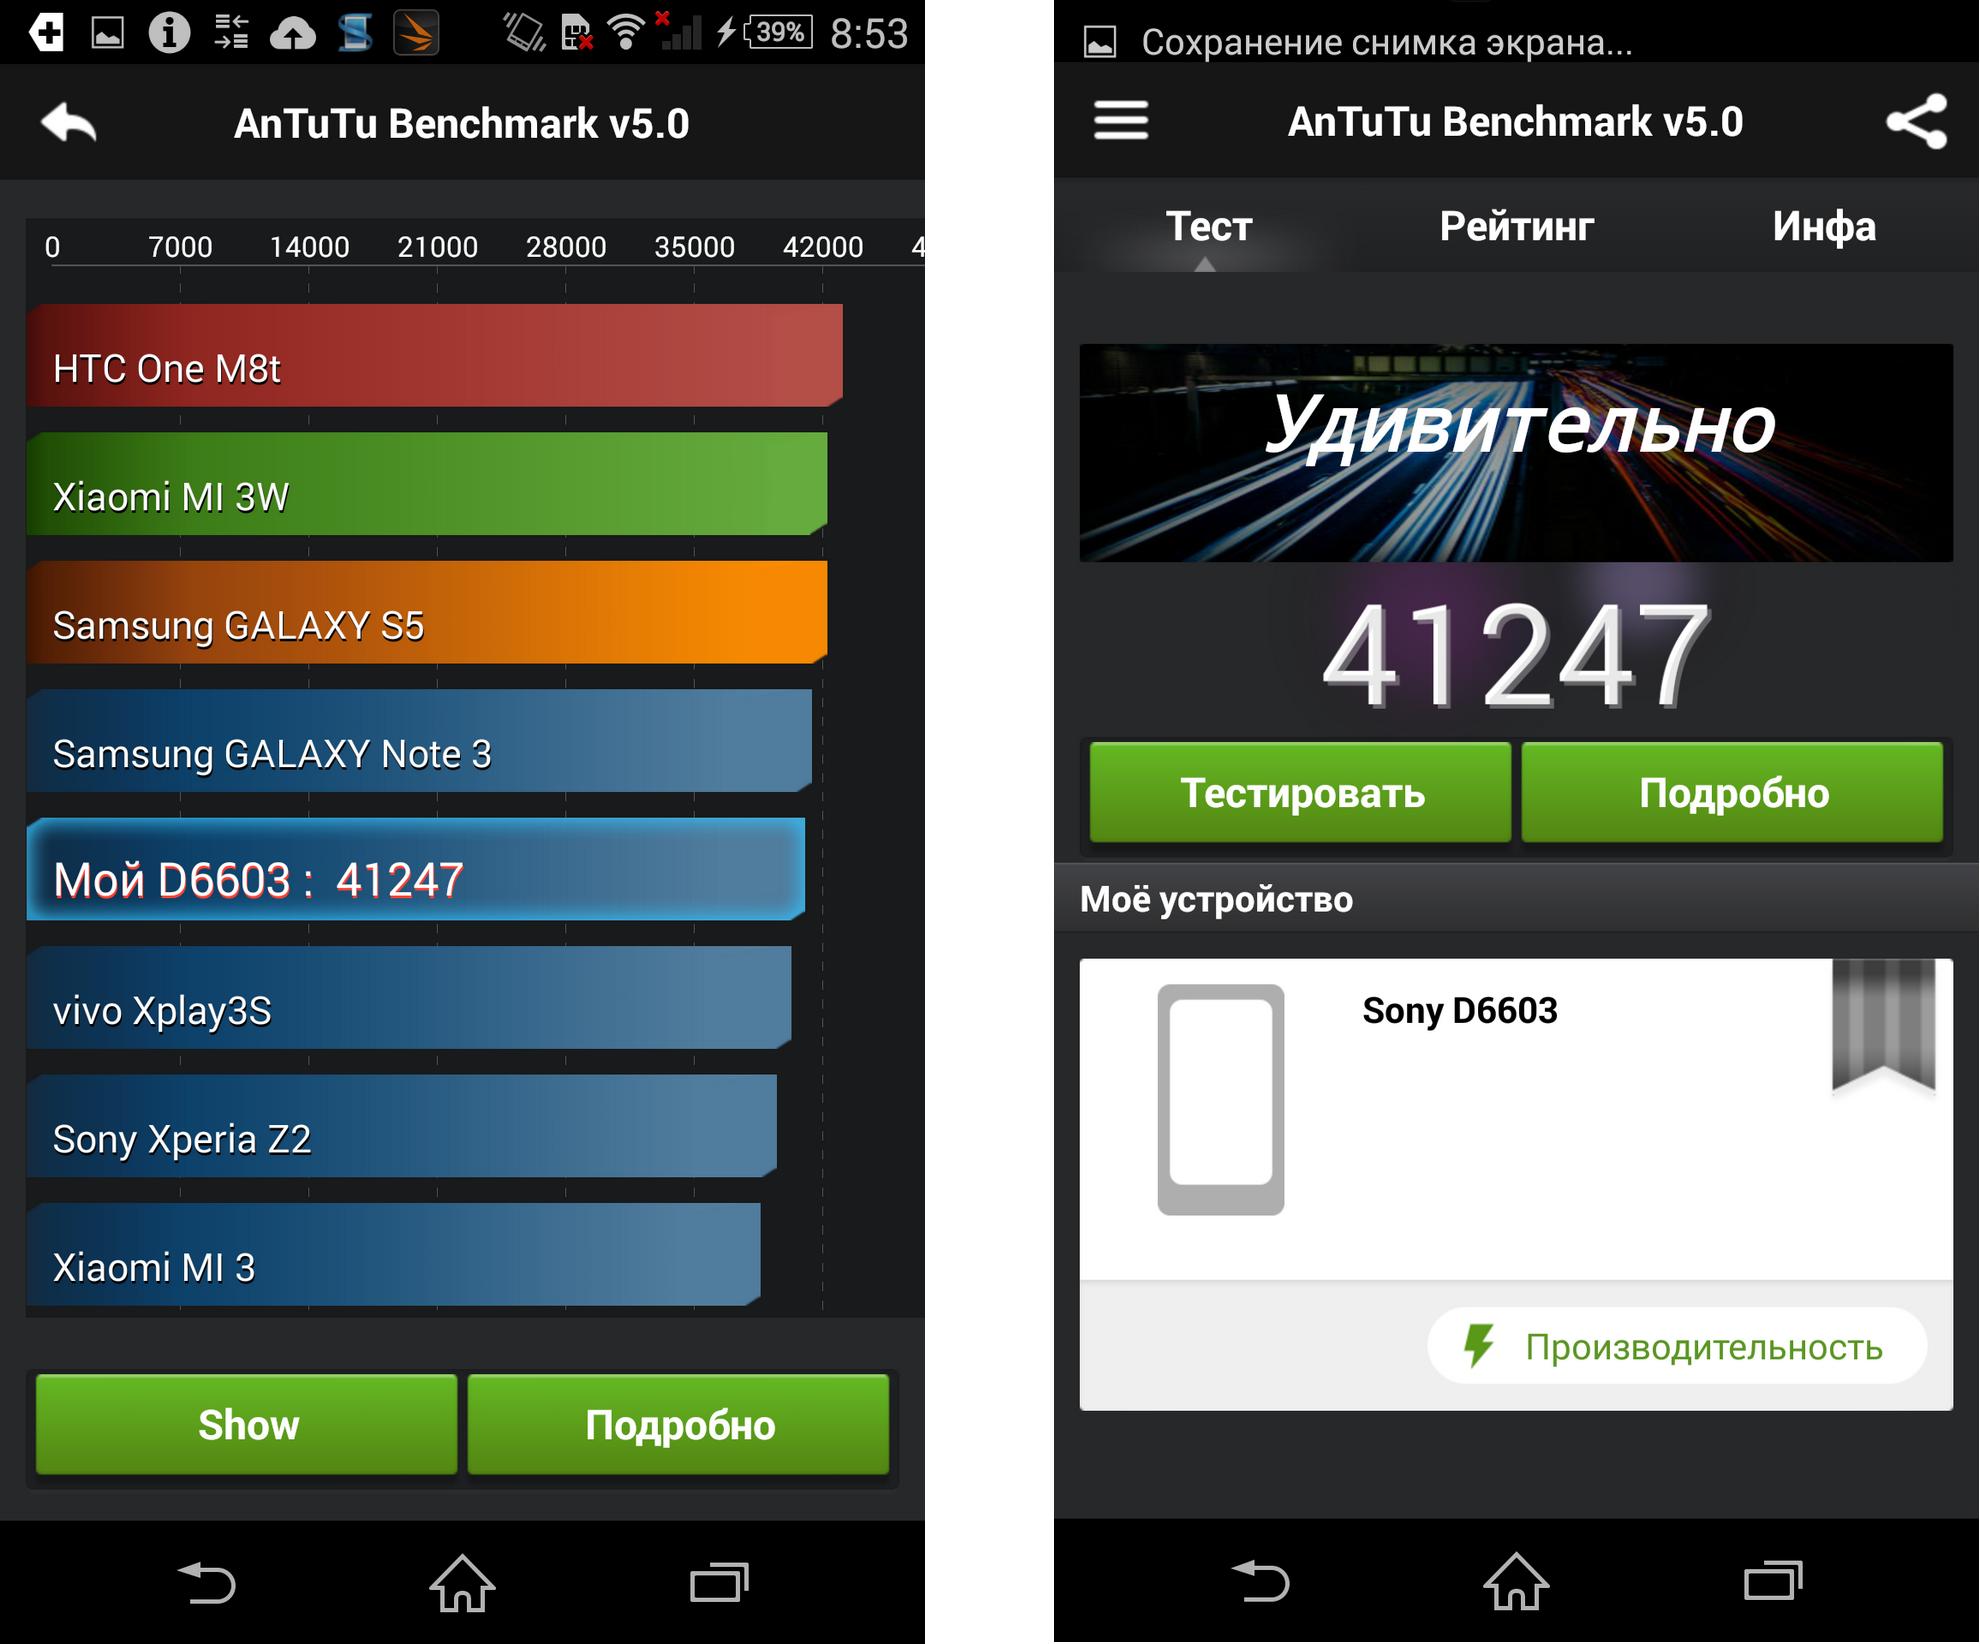 Sony Xperia Z3- бенчмарк-тест